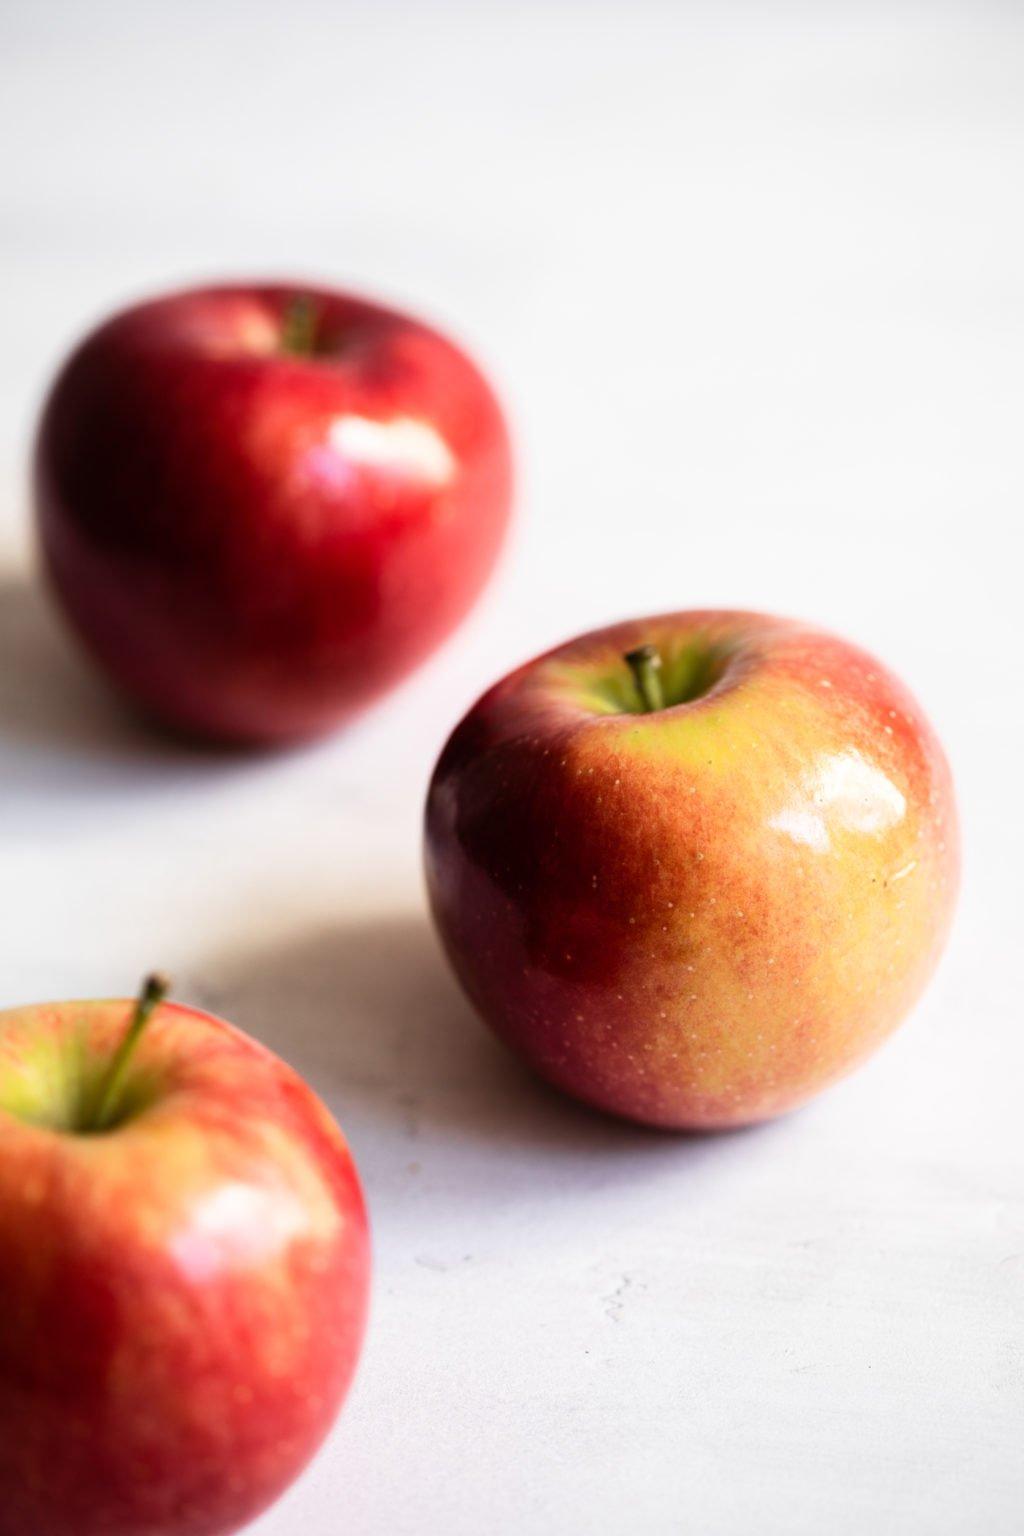 Una fotografía de tres manzanas rojas y doradas sobre un fondo blanco brillante.